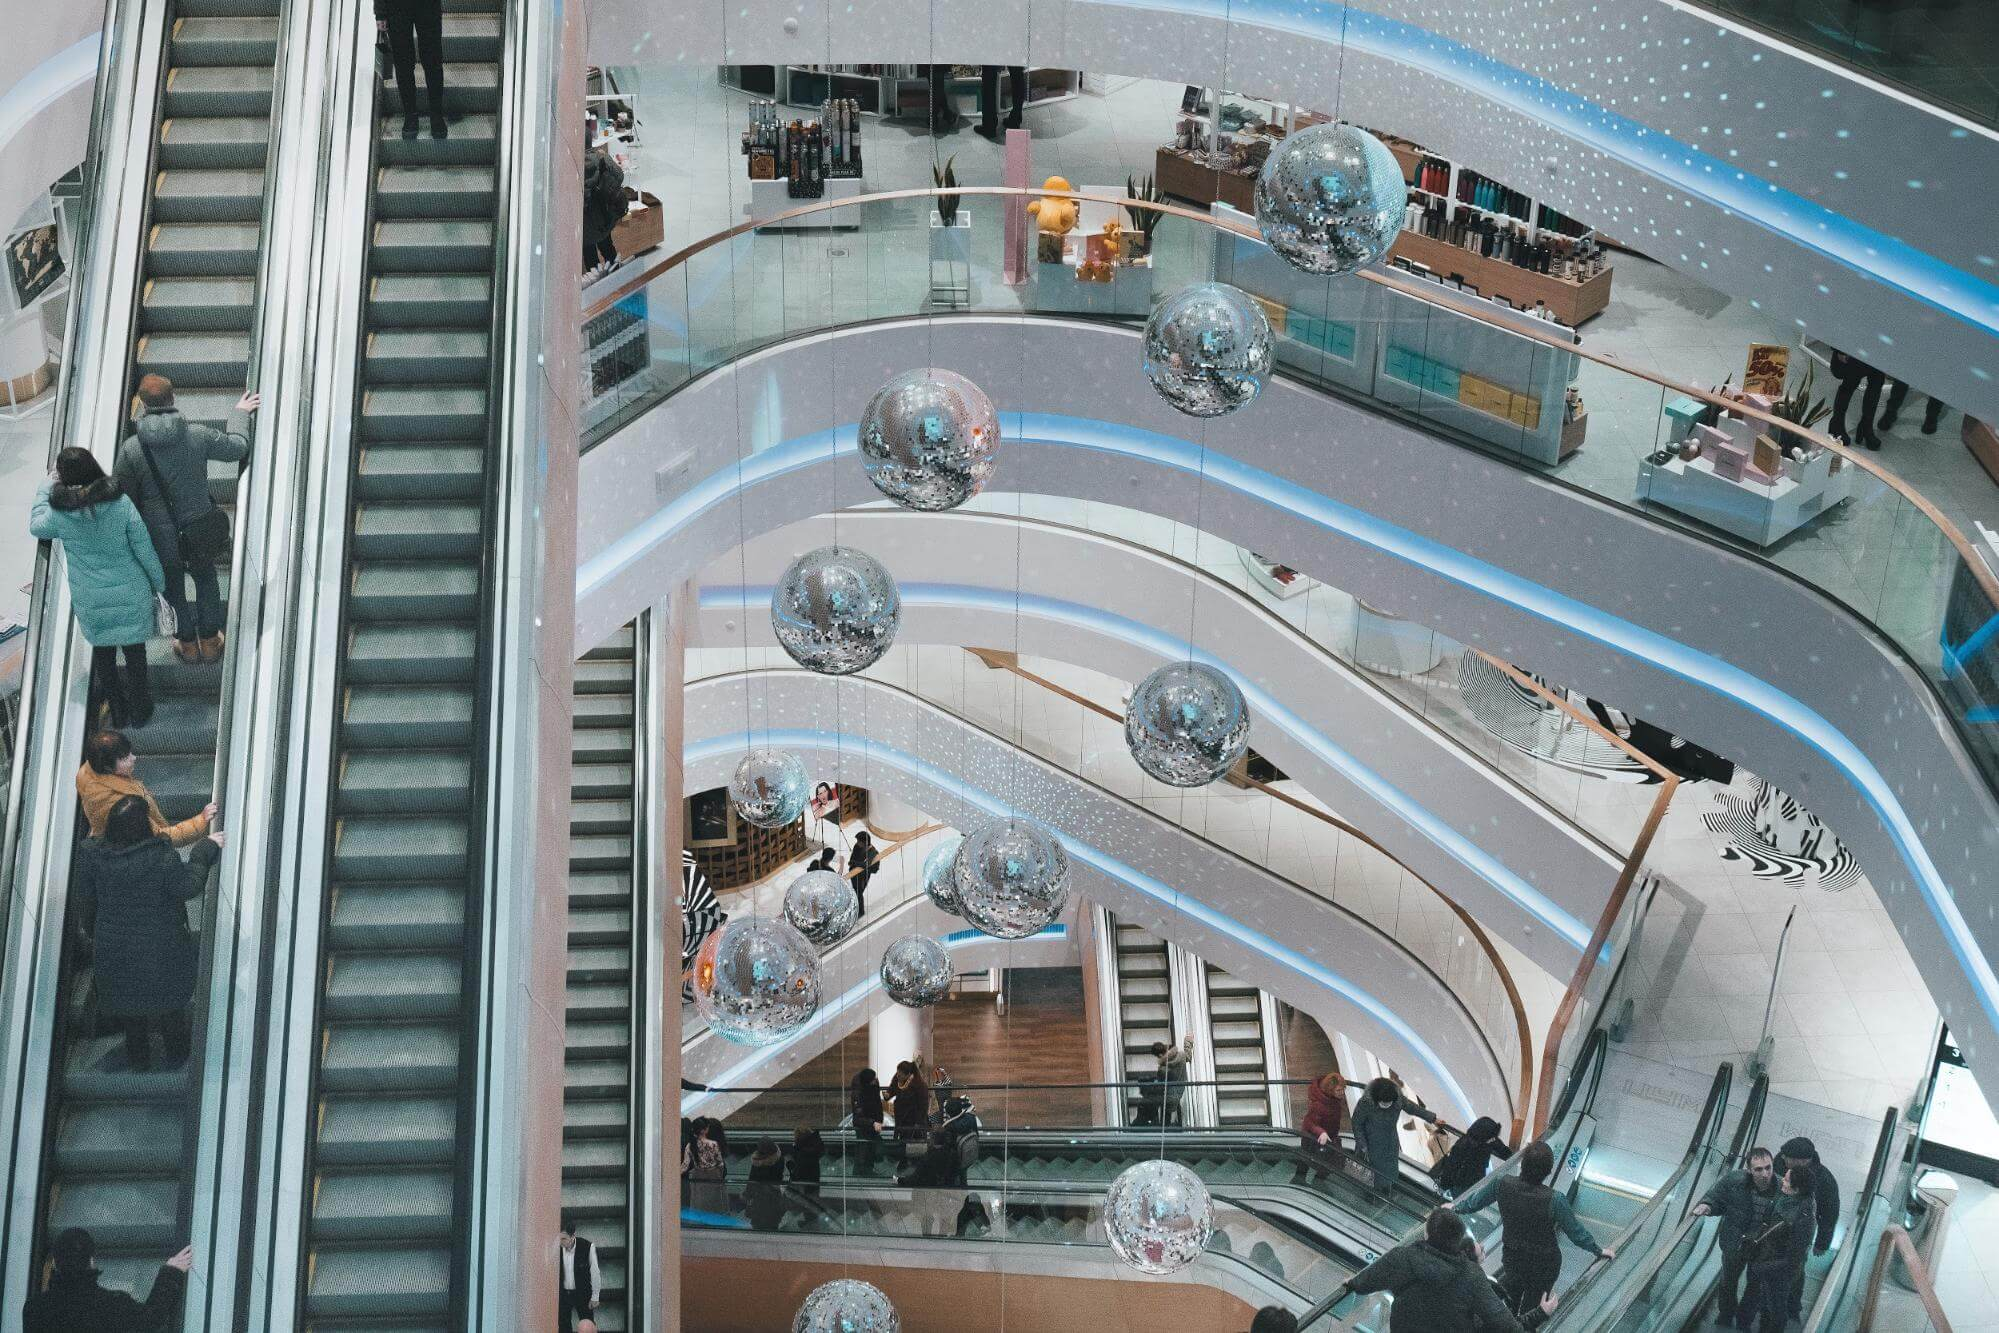 Vue de haut d'un centre commercial